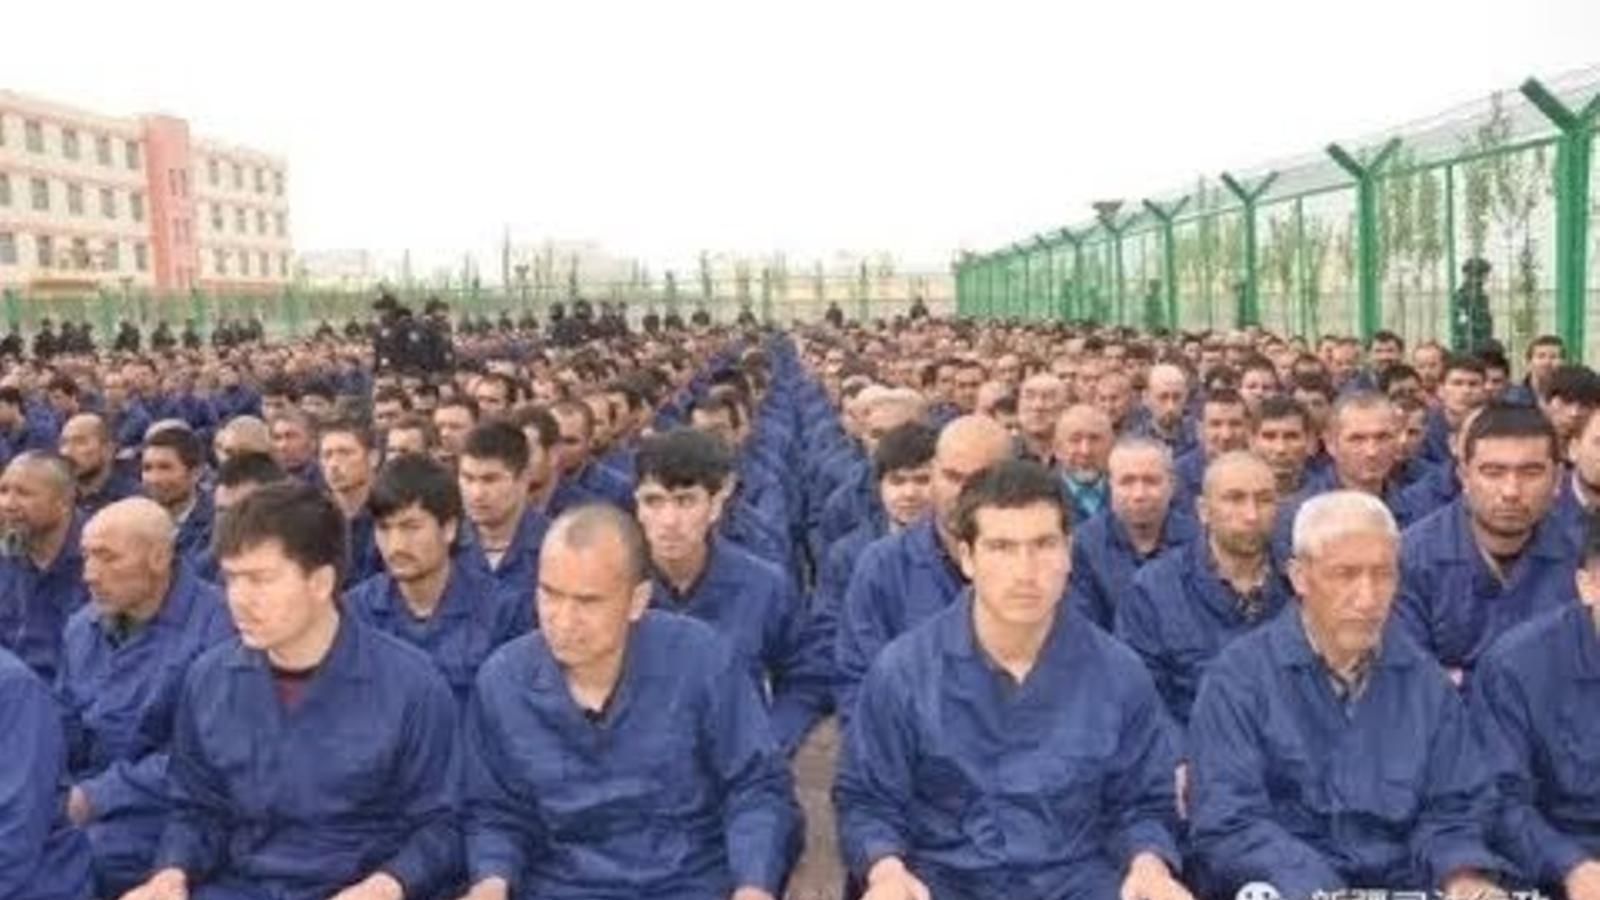 Informe de HRW sobre la repressió xinesa als uigurs